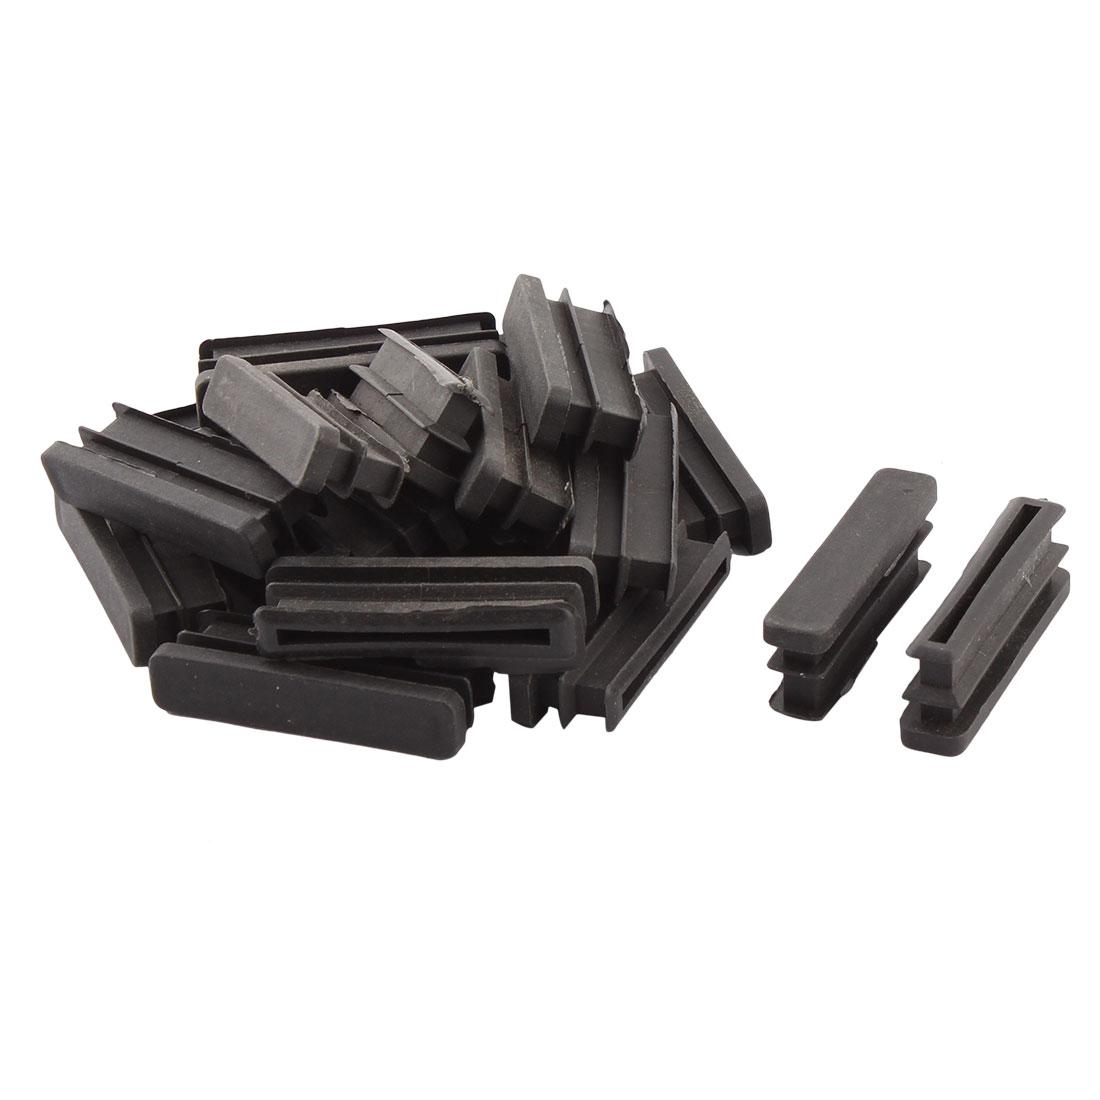 Household Plastic Rectangular Shaped Table Chair Leg Feet Tube Pipe Insert Black 50 x 10mm 20 PCS